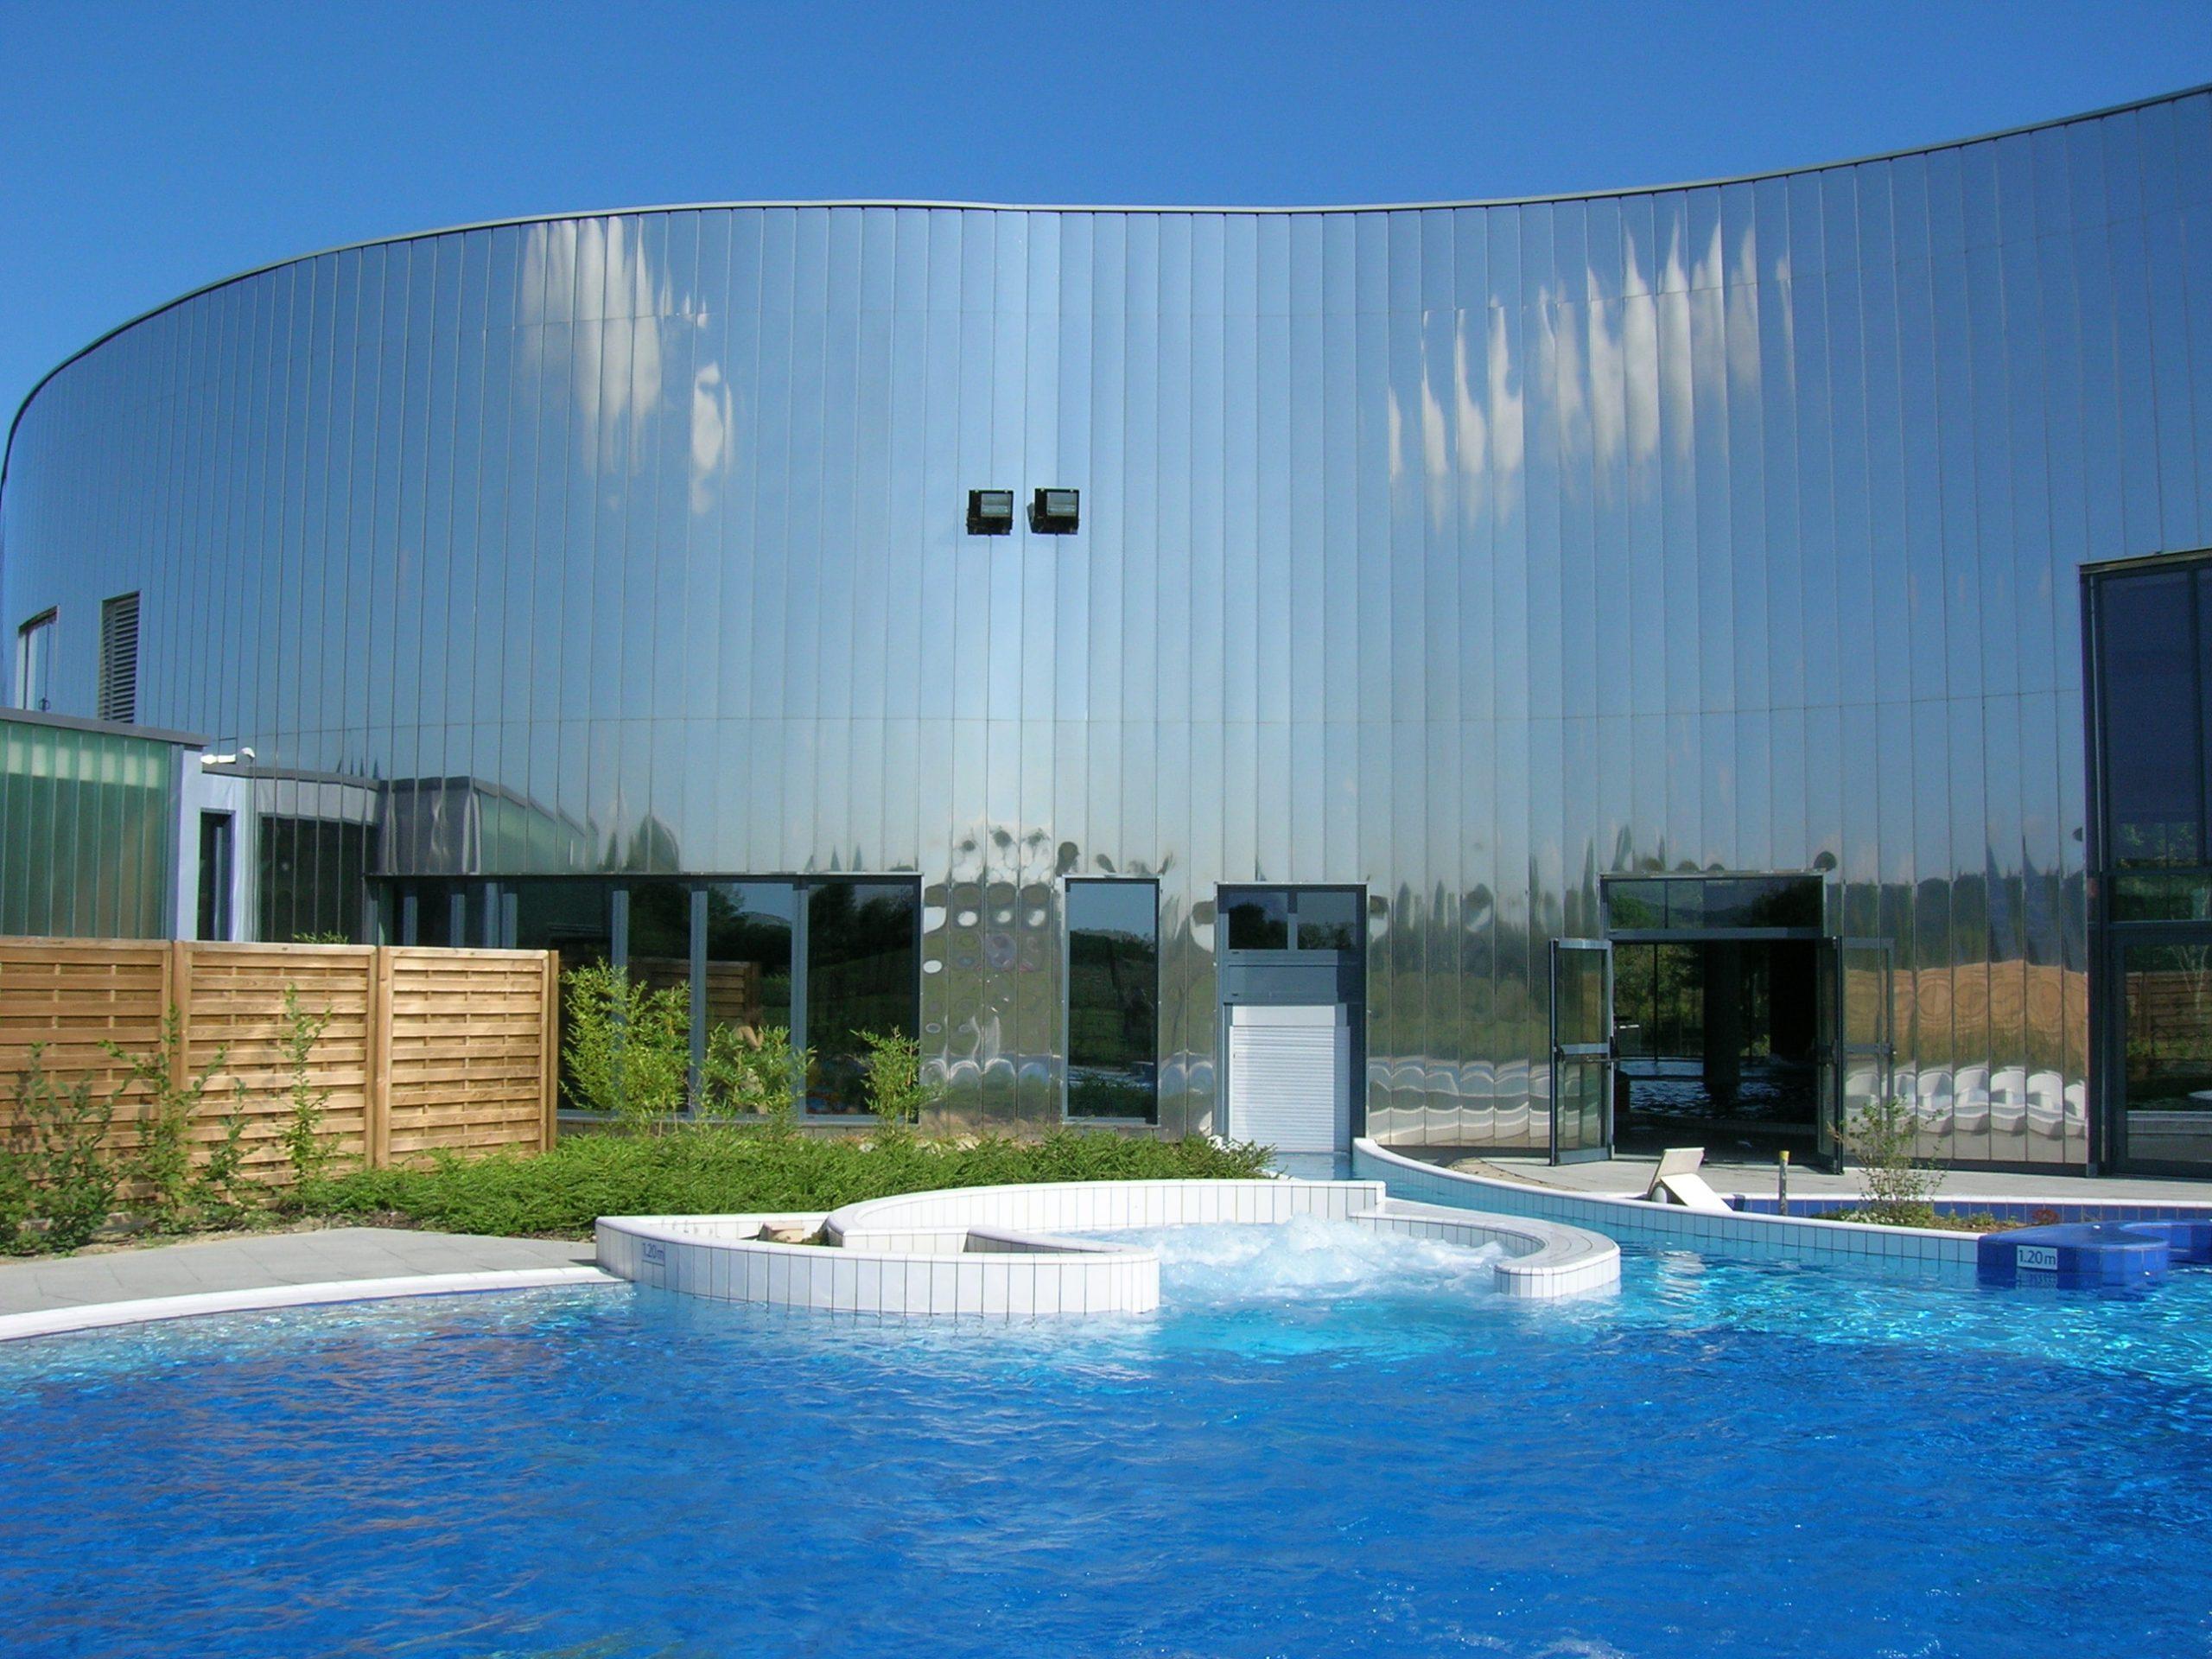 Piscines - Balnéor - Centre Aqualudique pour Piscine St Amand